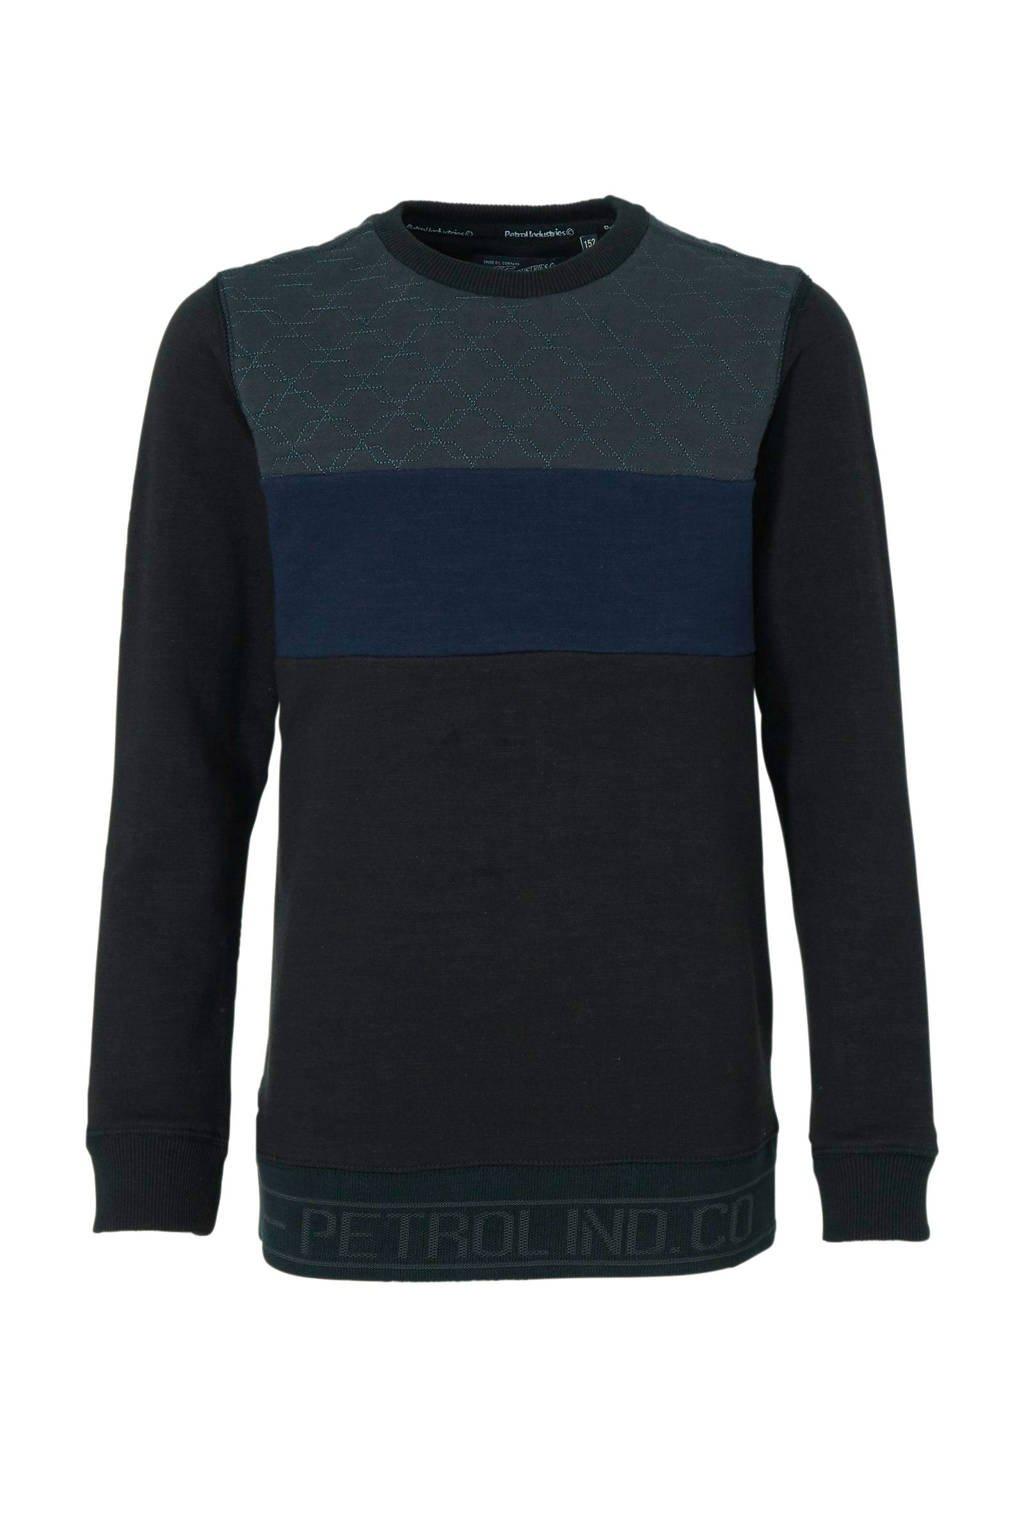 Petrol Industries sweater met all over print zwart/blauw, Zwart/blauw